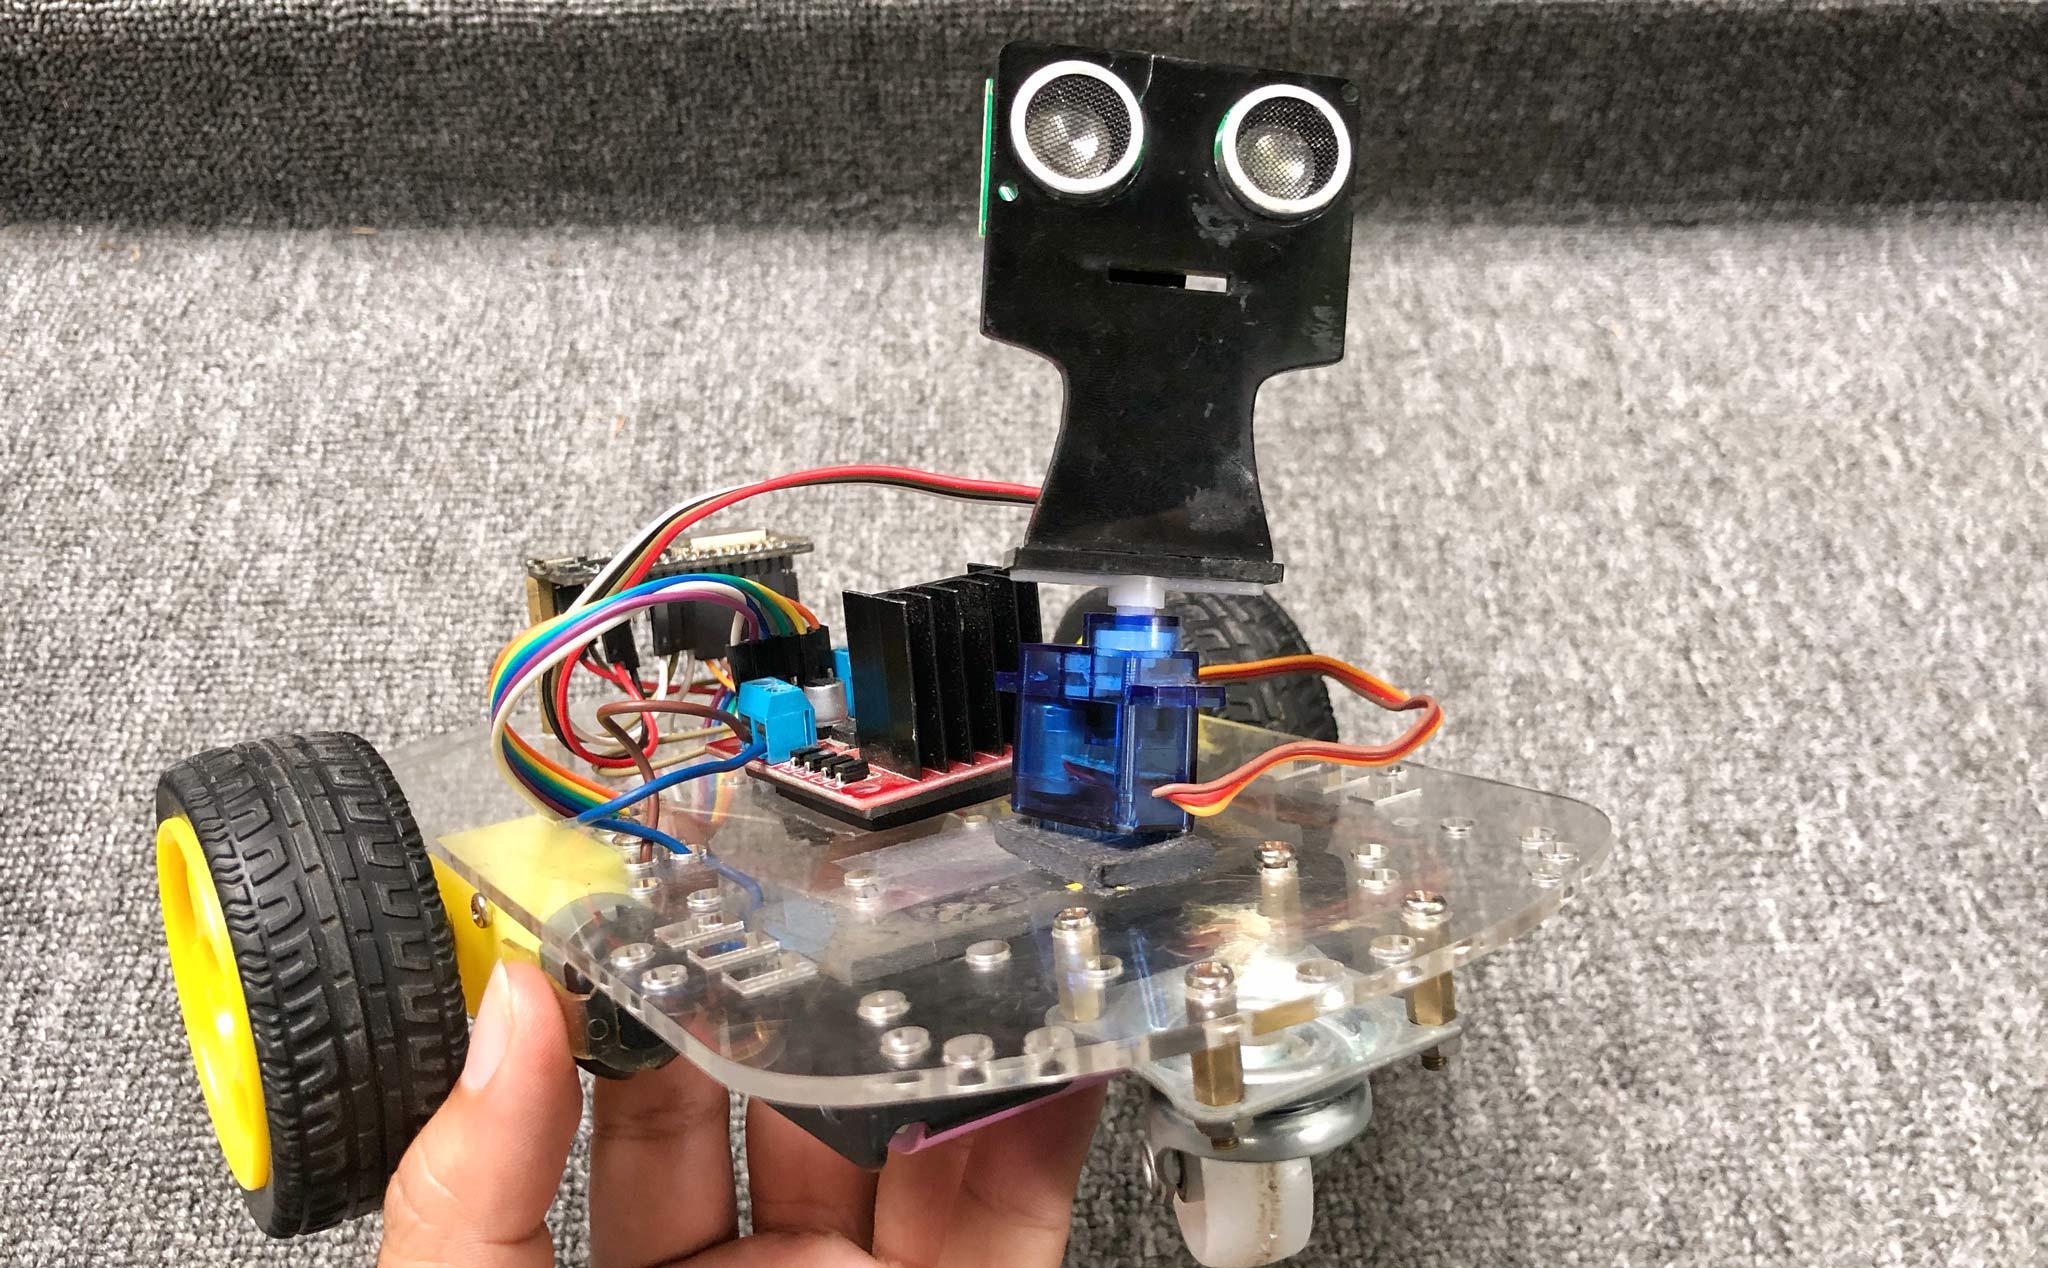 Cảm biến siêu âm sử dụng trên robot